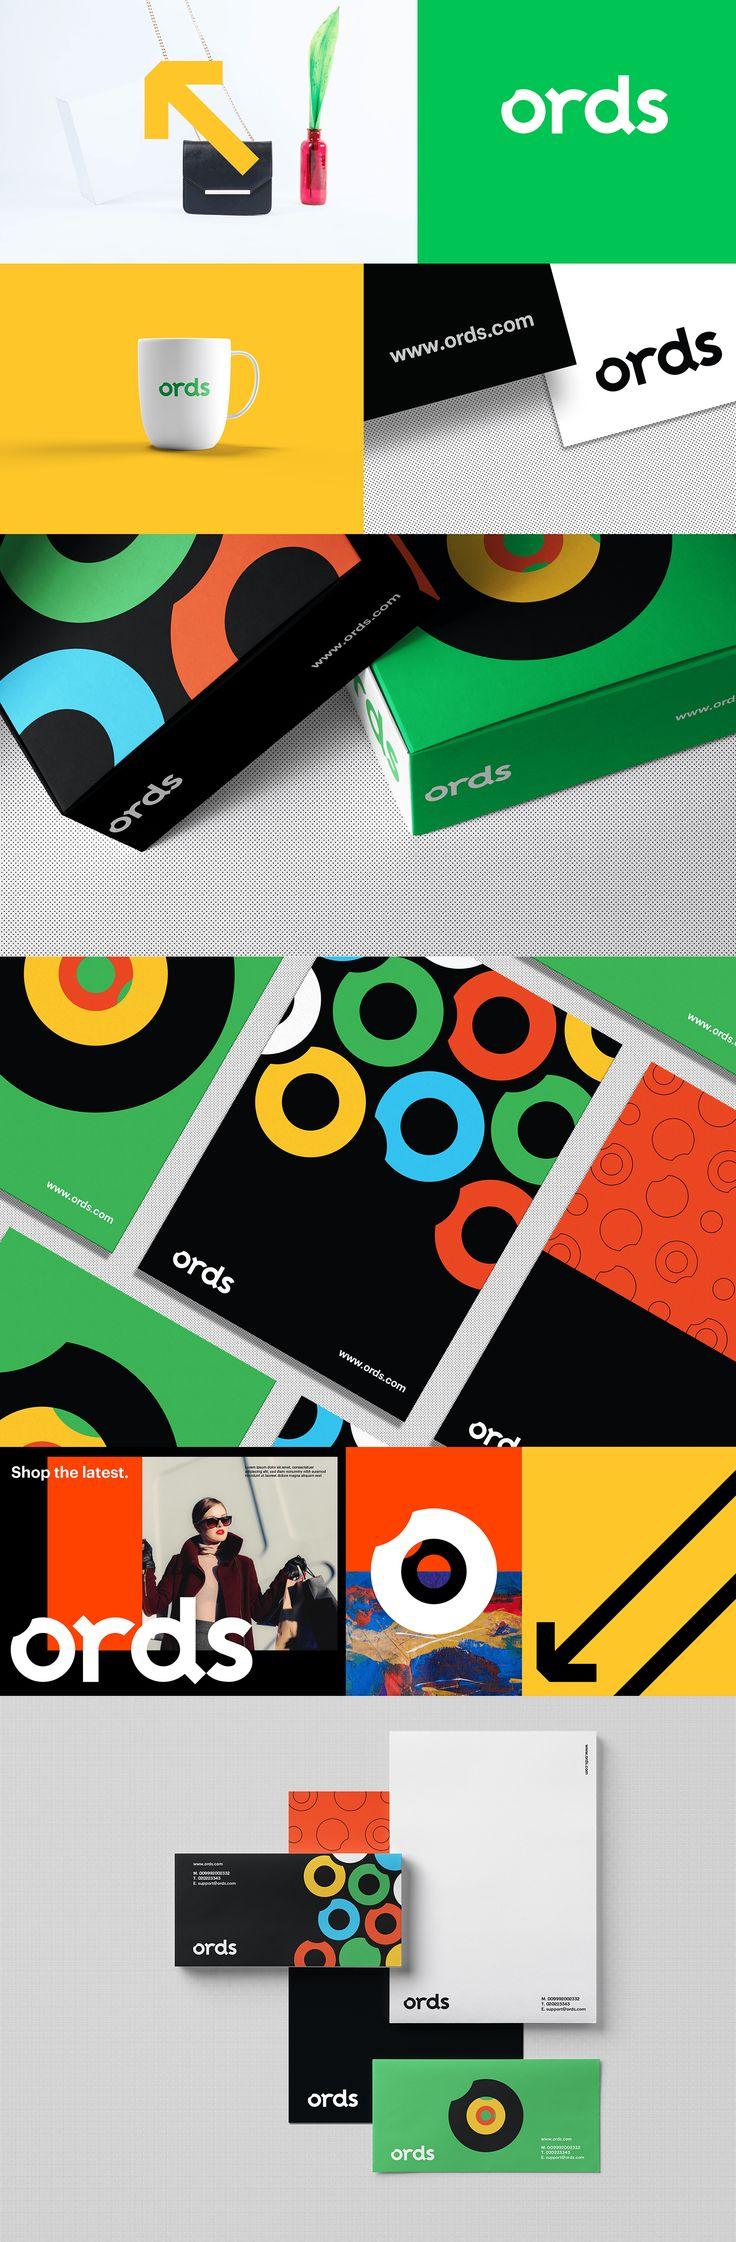 Ords e-commerce logo branding and brand identity